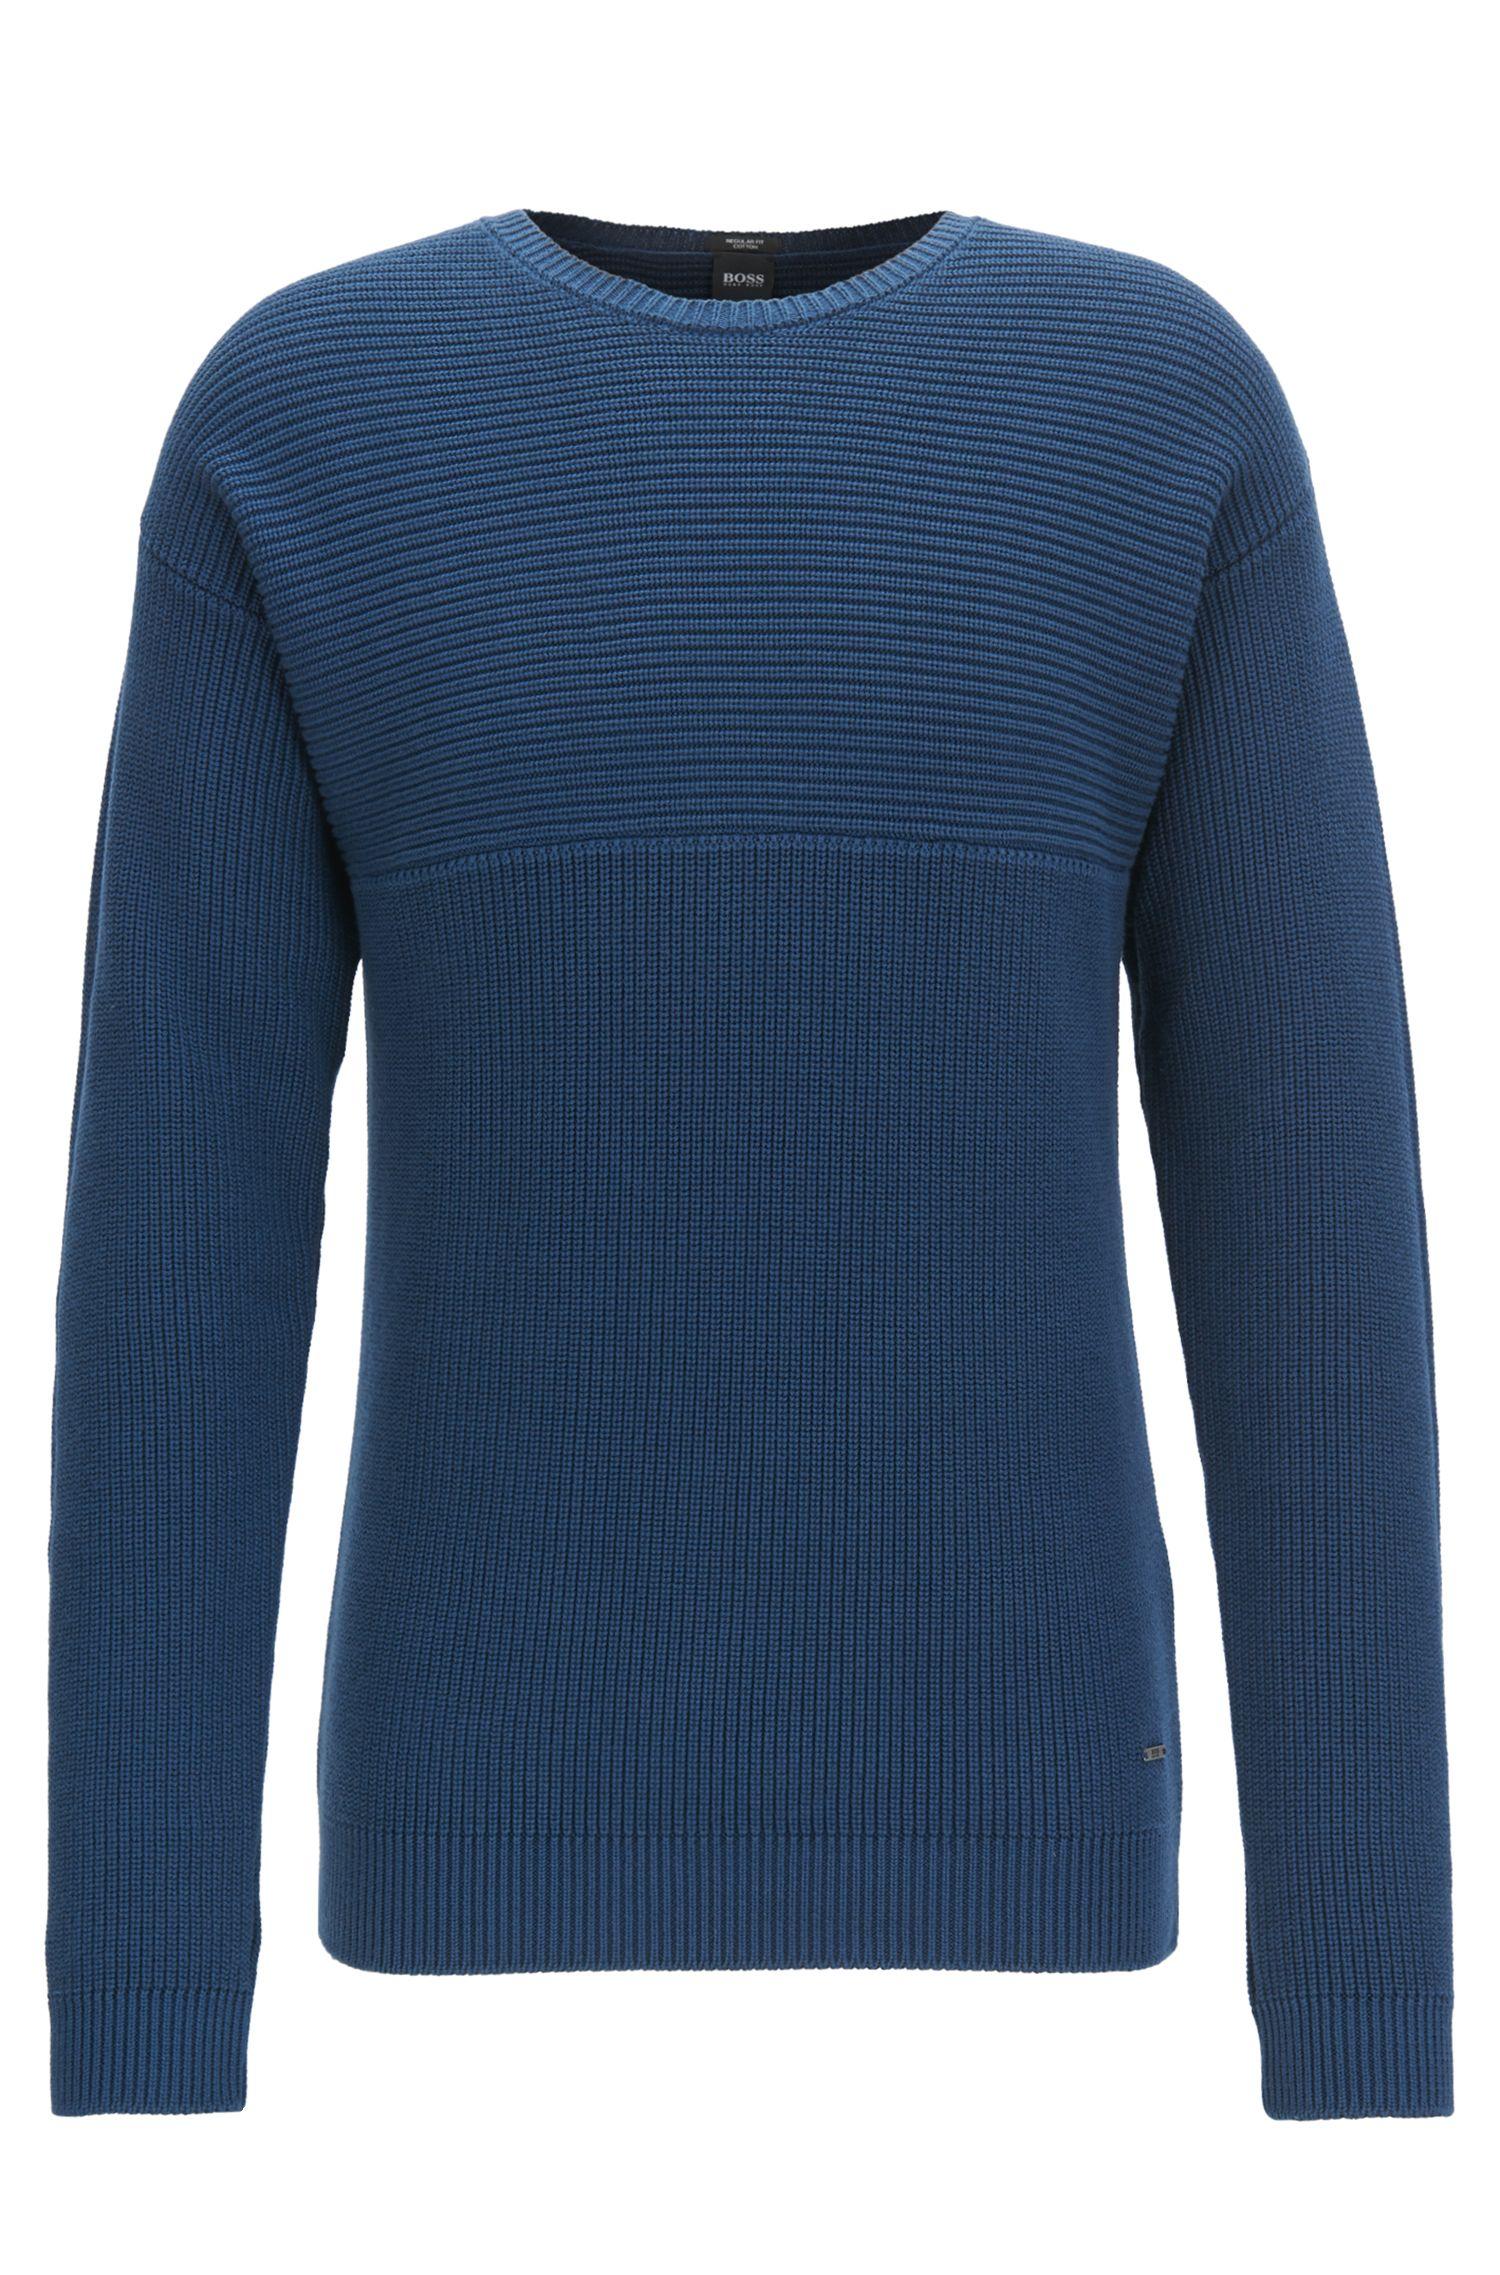 Maglione in cotone Pima in maglia a rovescio